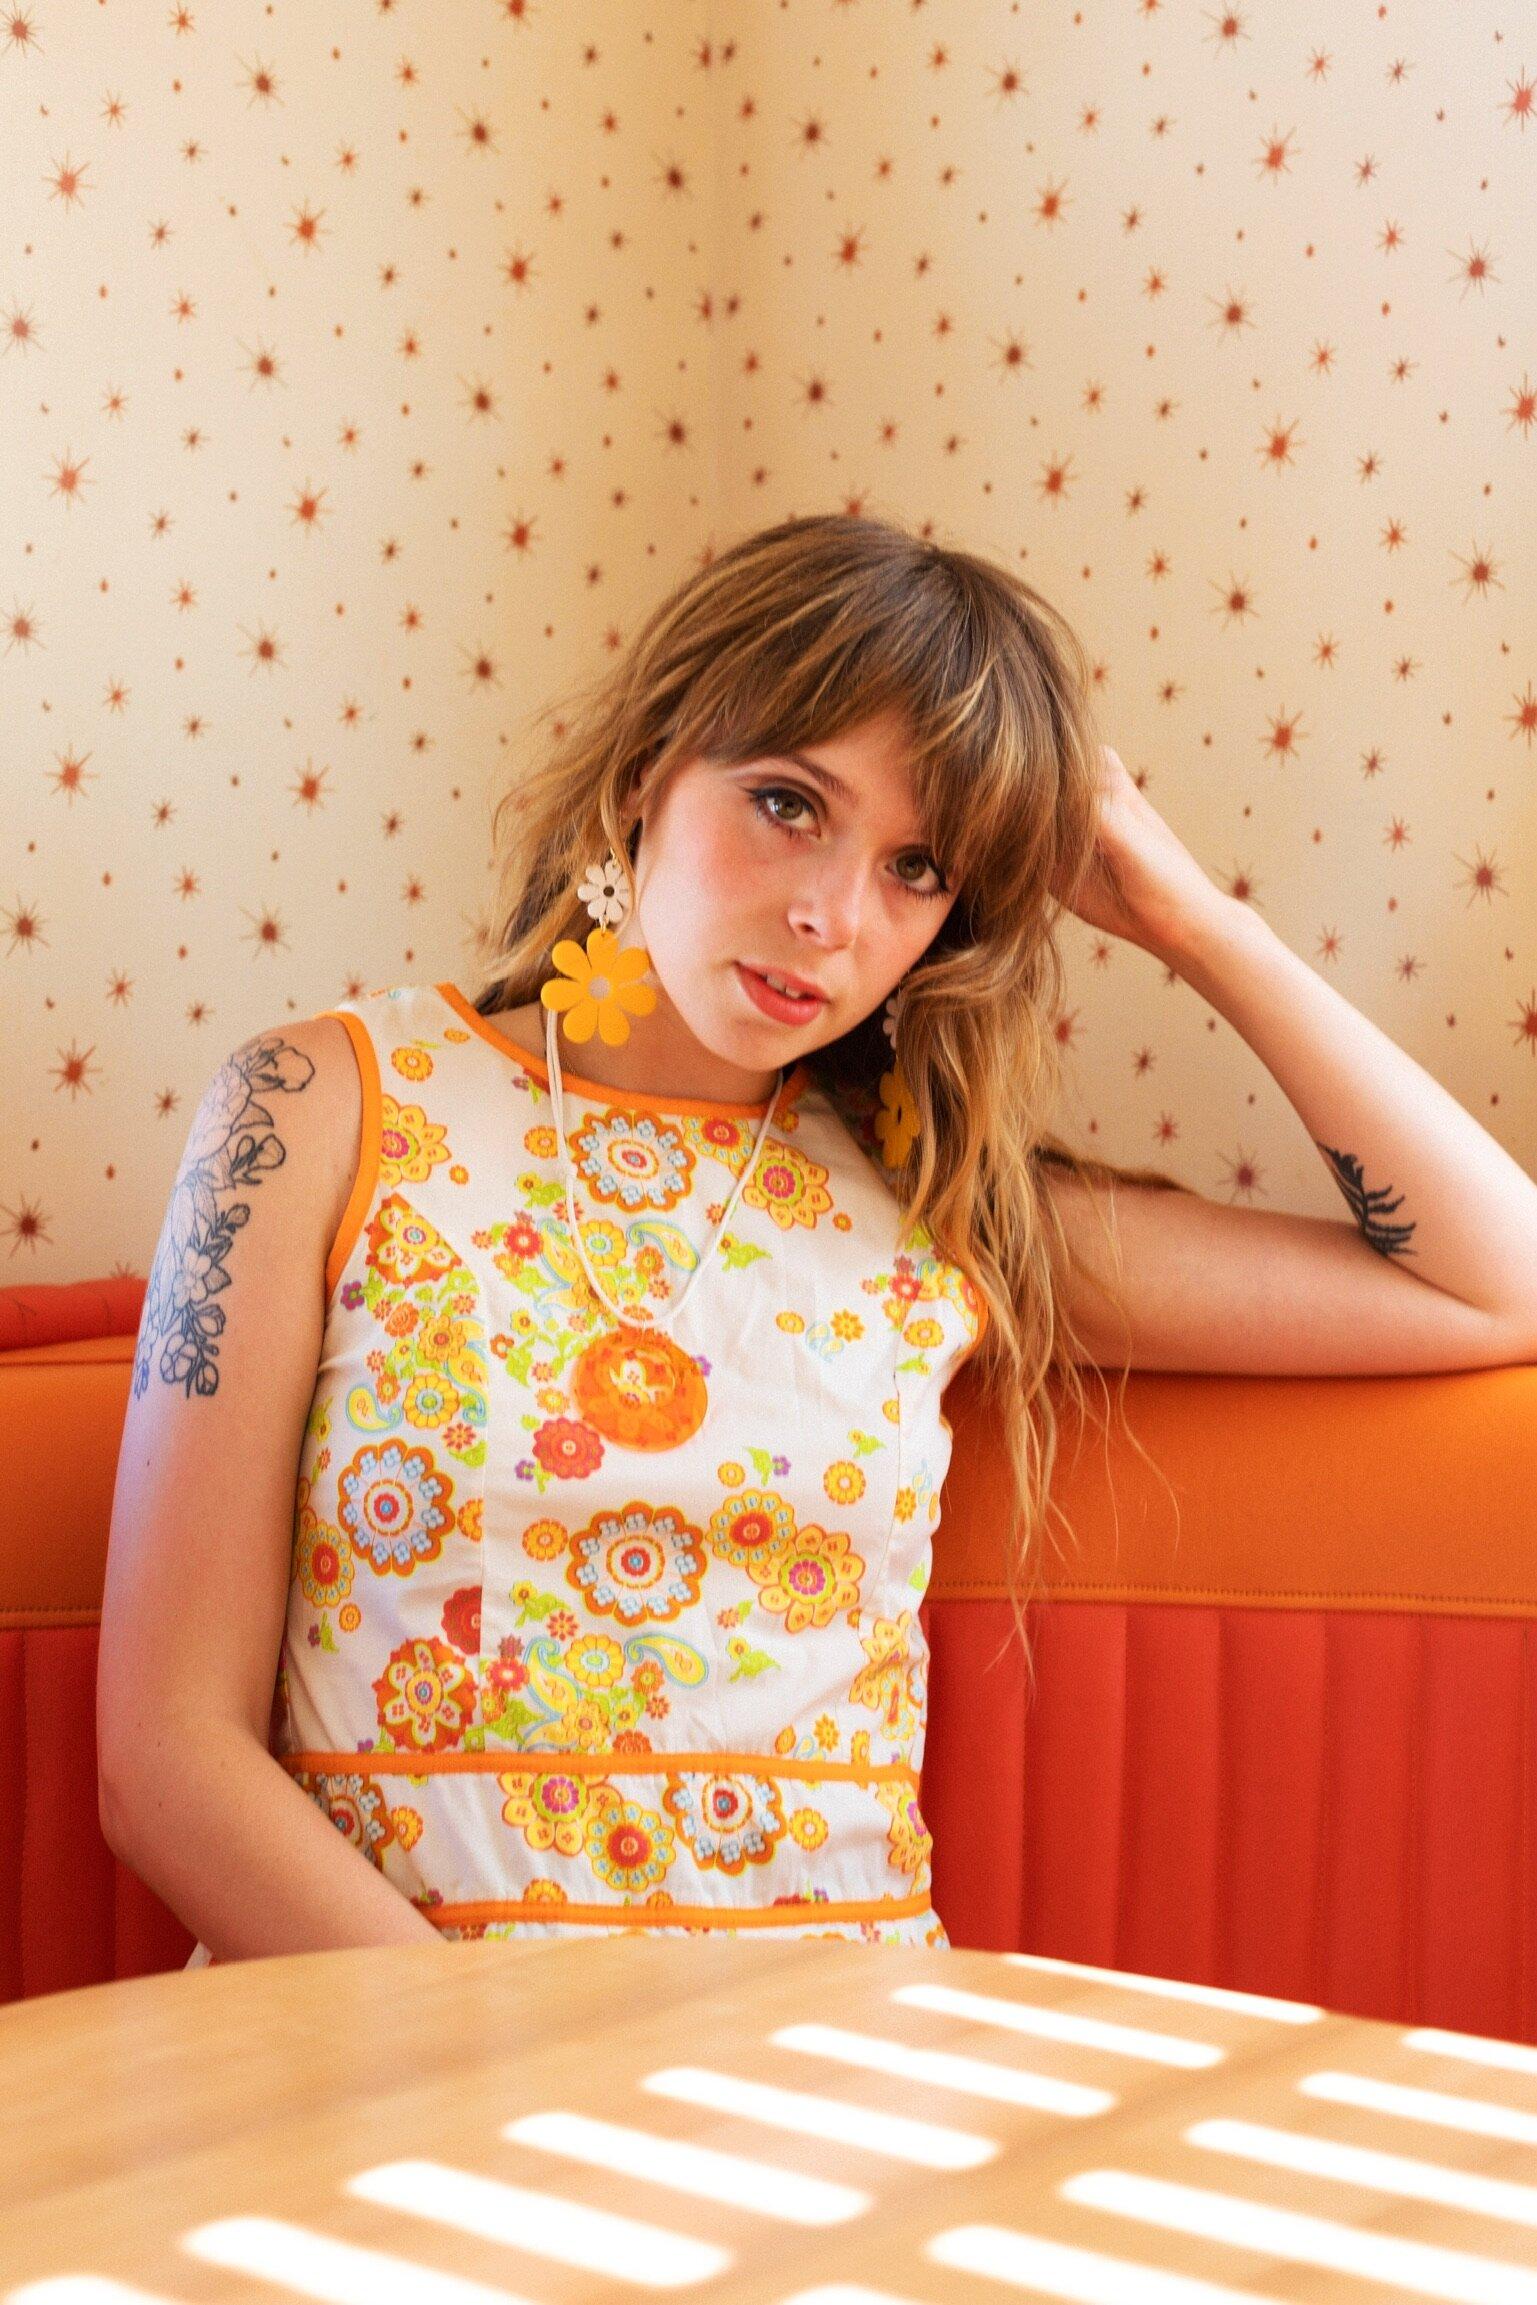 MindFlowers_Cindys_Diner_Vintage_Psychedelic_Inspired_Accessories_Earrings-28.jpg